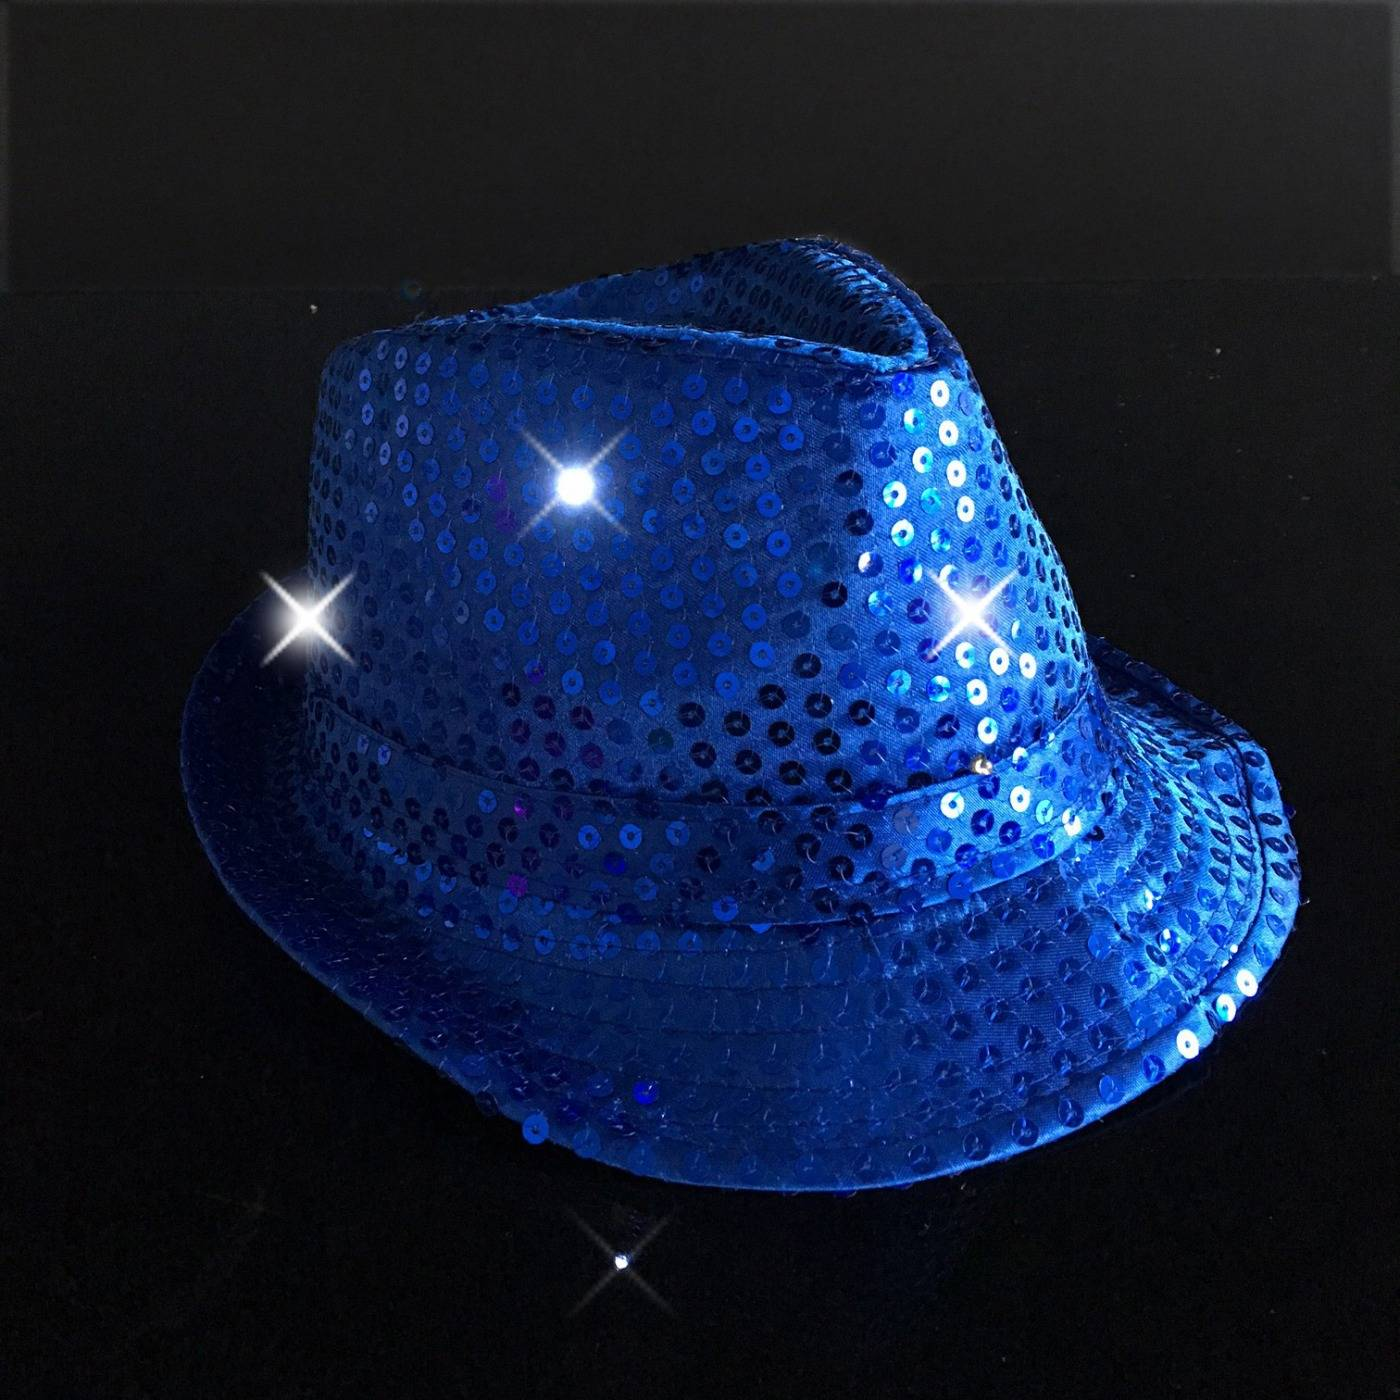 Blauwe LED feesthoedjes - Feestartikelen en partygadgets